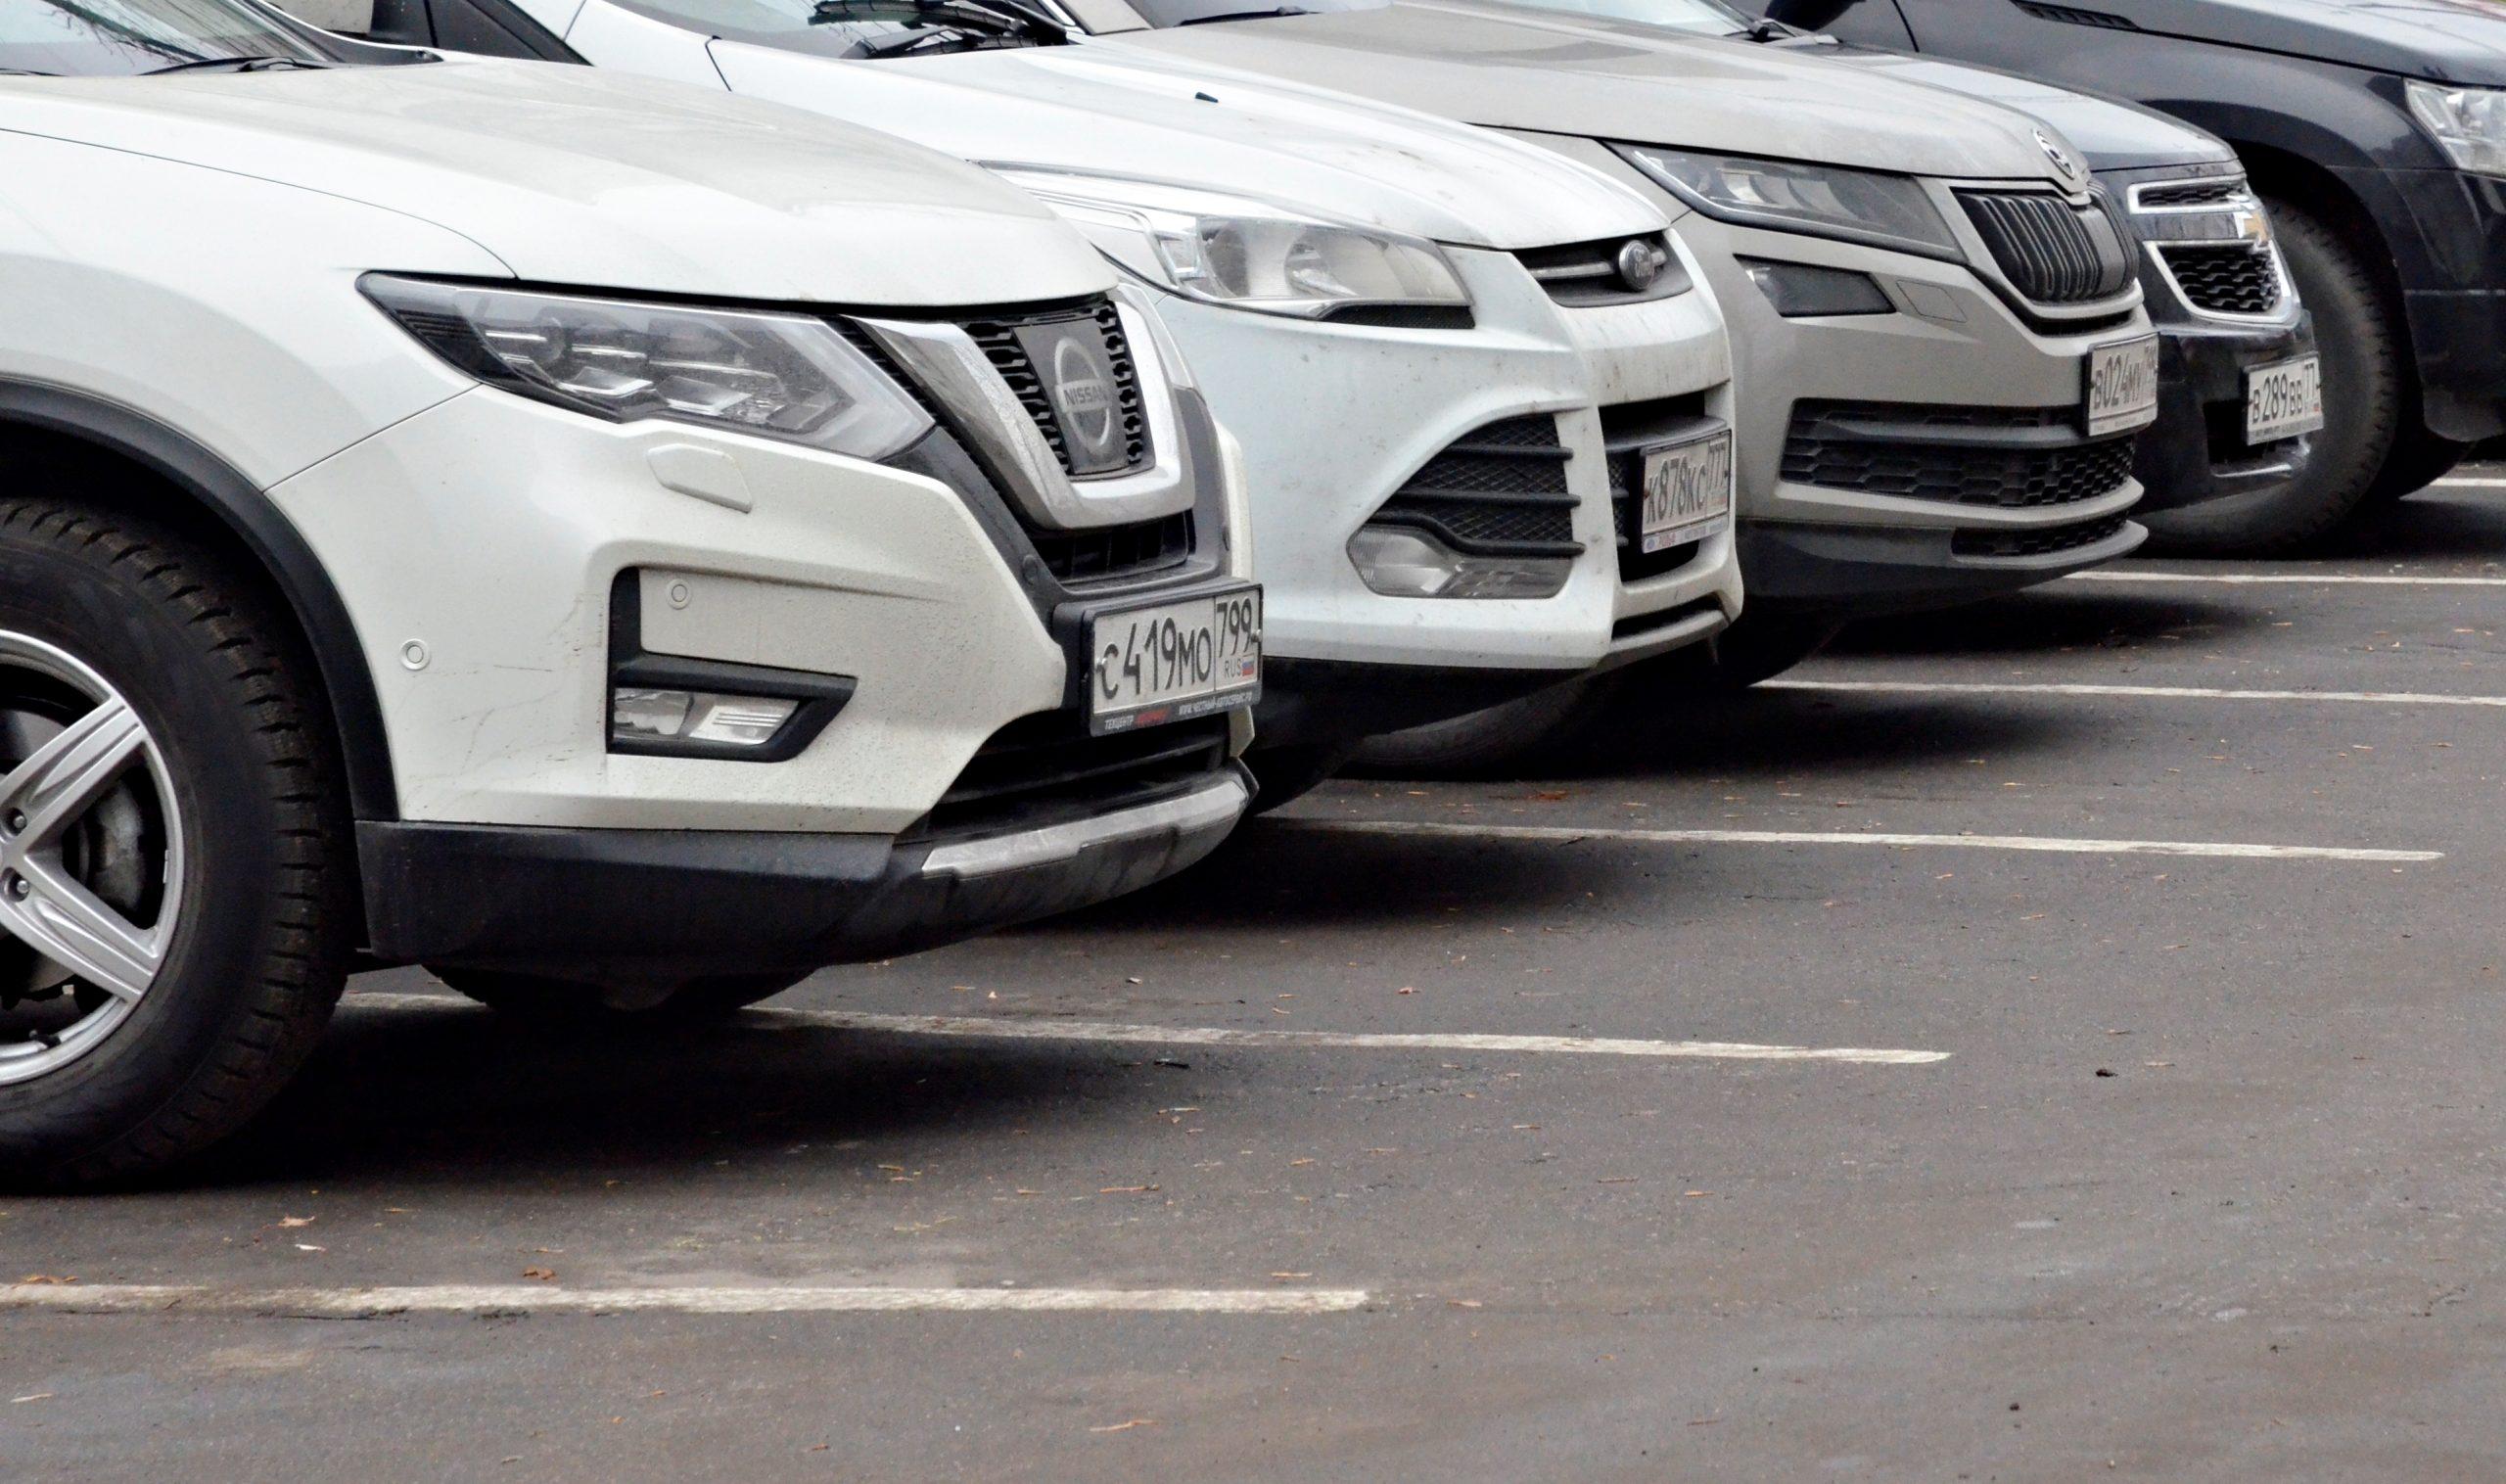 Водители Москвы смогут заехать на 11 парковок со шлагбаумом благодаря карте «Тройка»